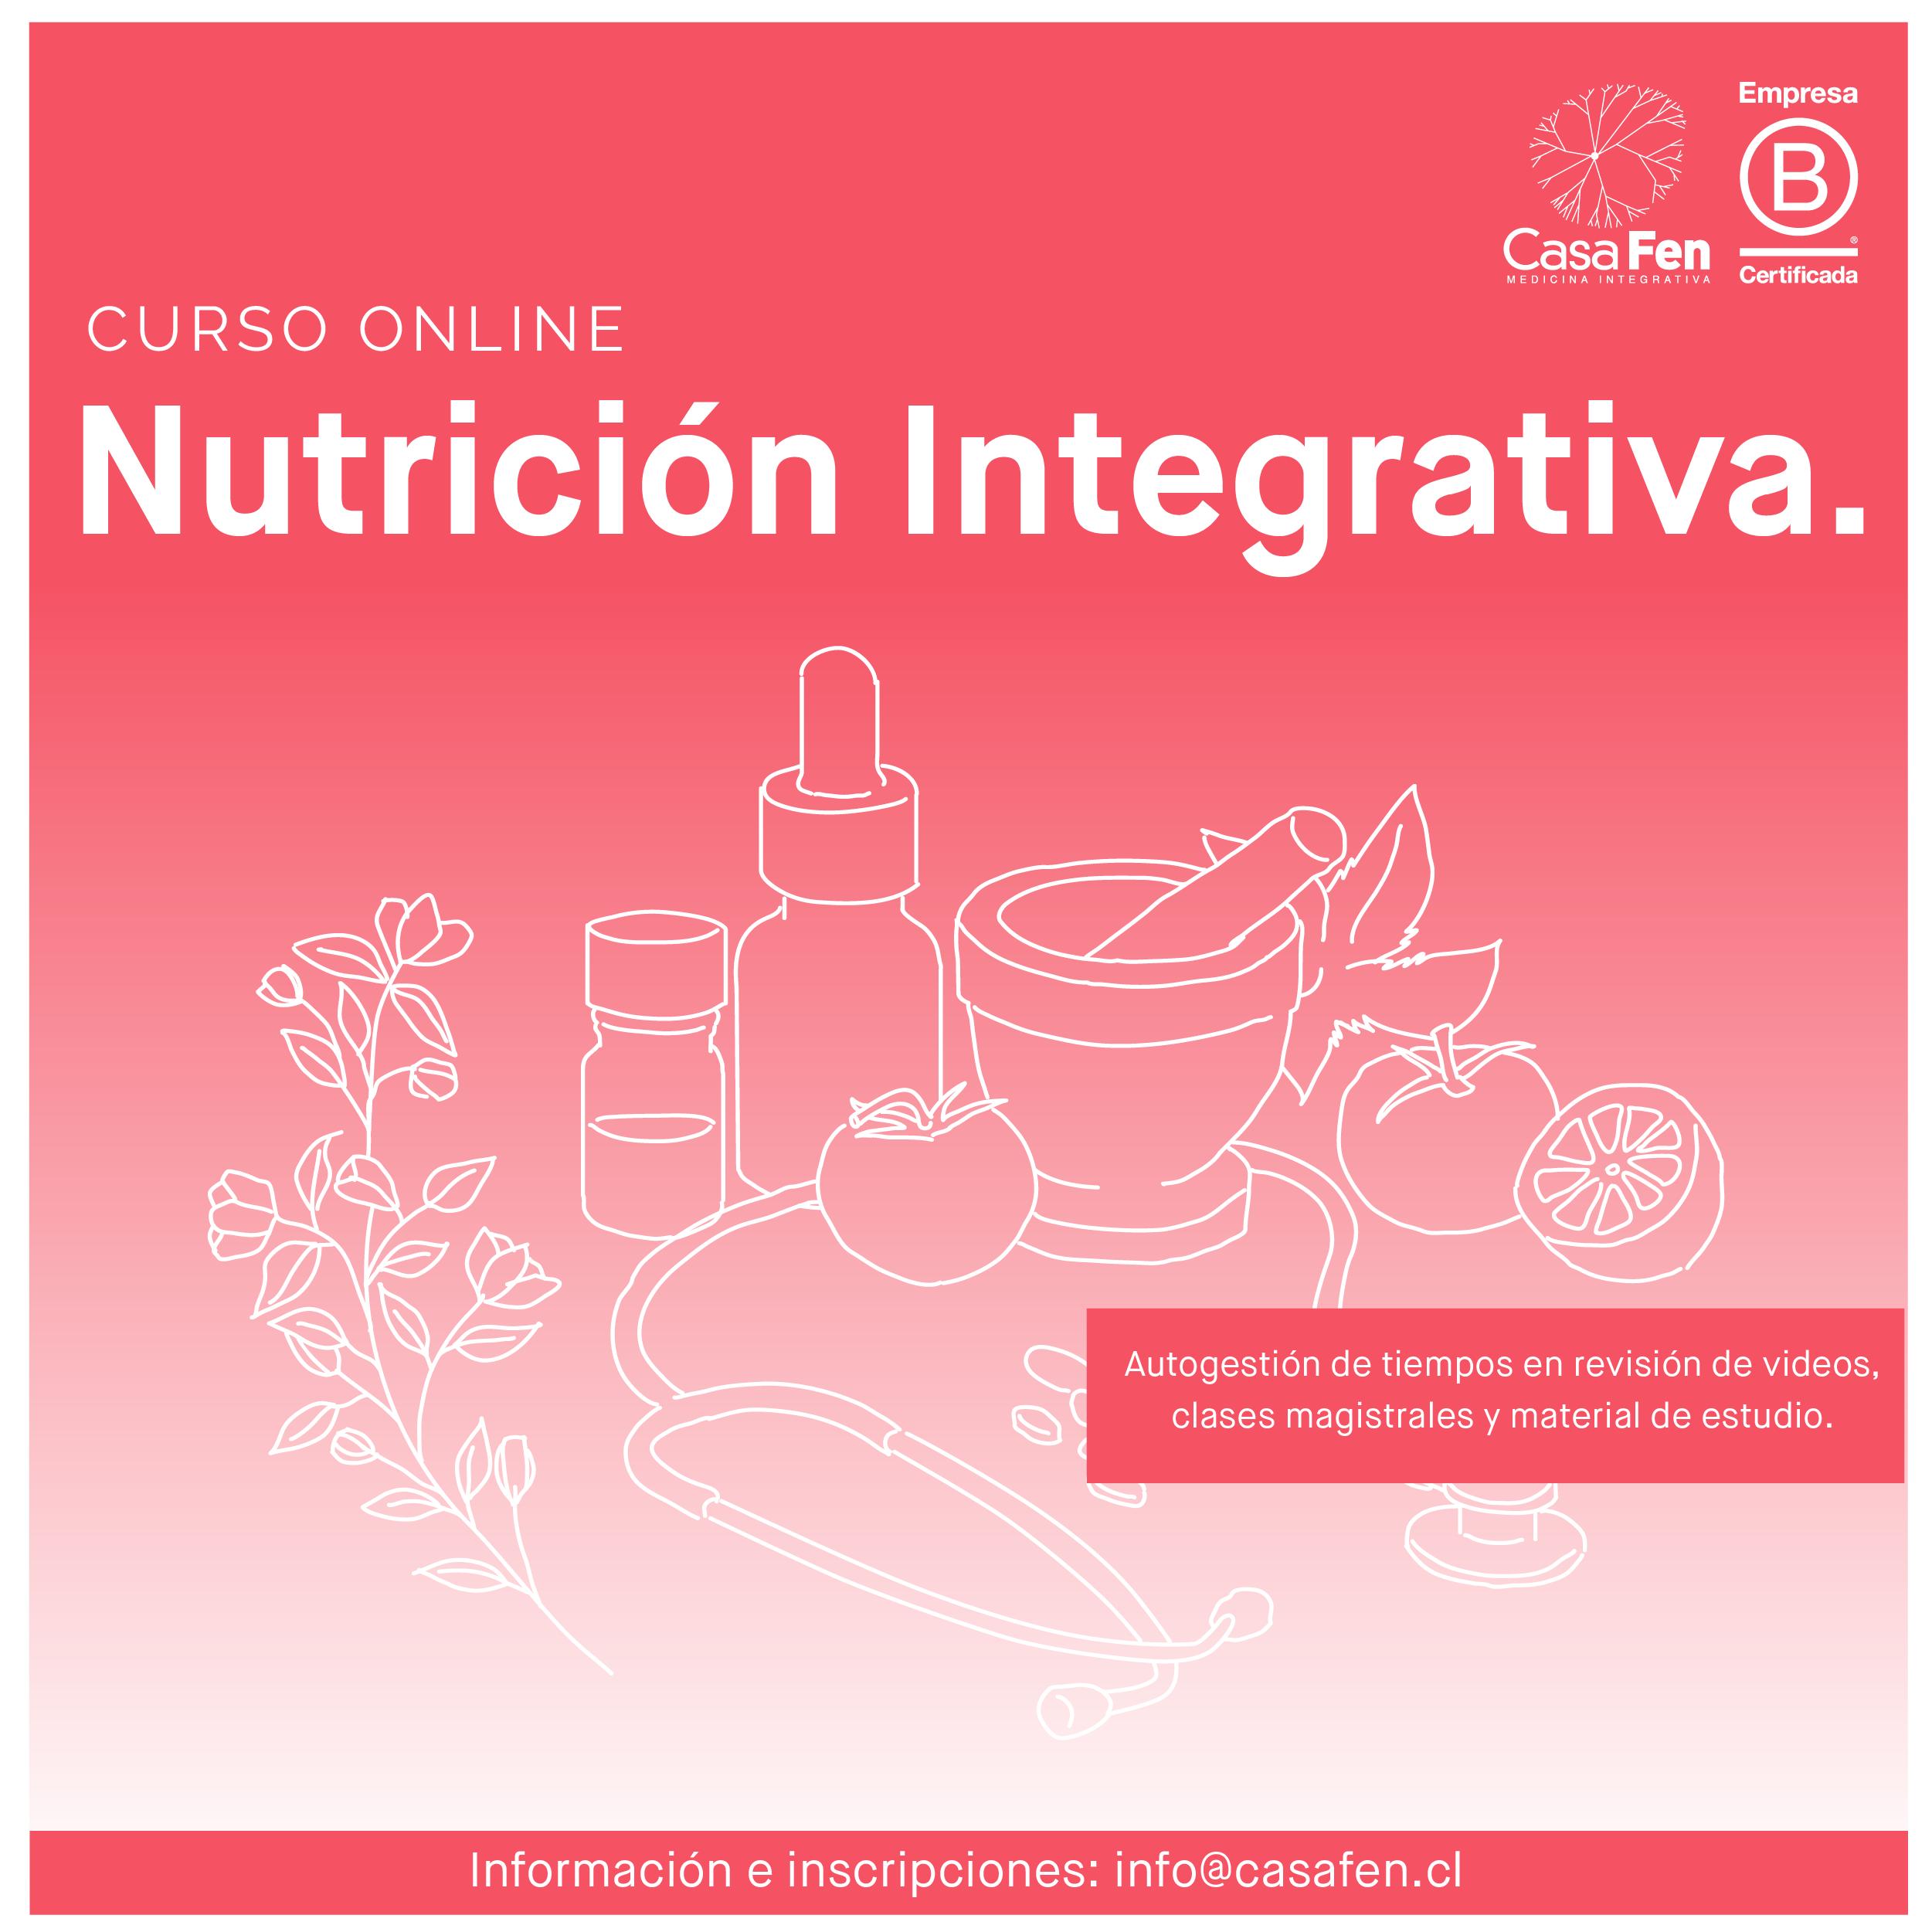 Curso online de nutrición integrativa - CasaFen